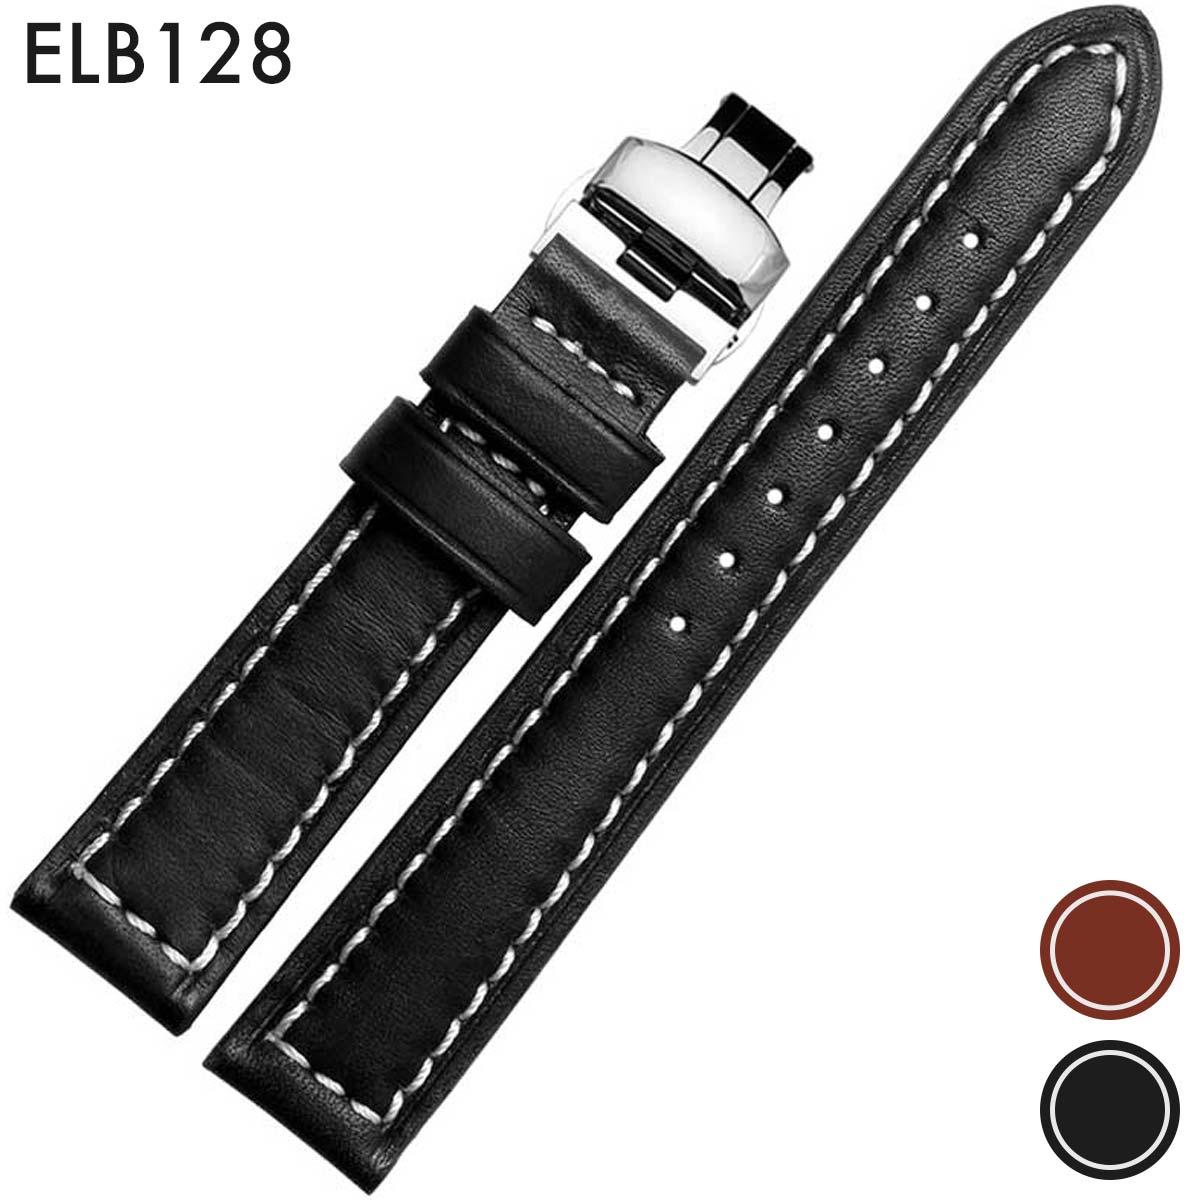 腕時計用アクセサリー, 腕時計用ベルト・バンド  18mm20mm22mm24mm : BREITRING ()D Eight - ELB128